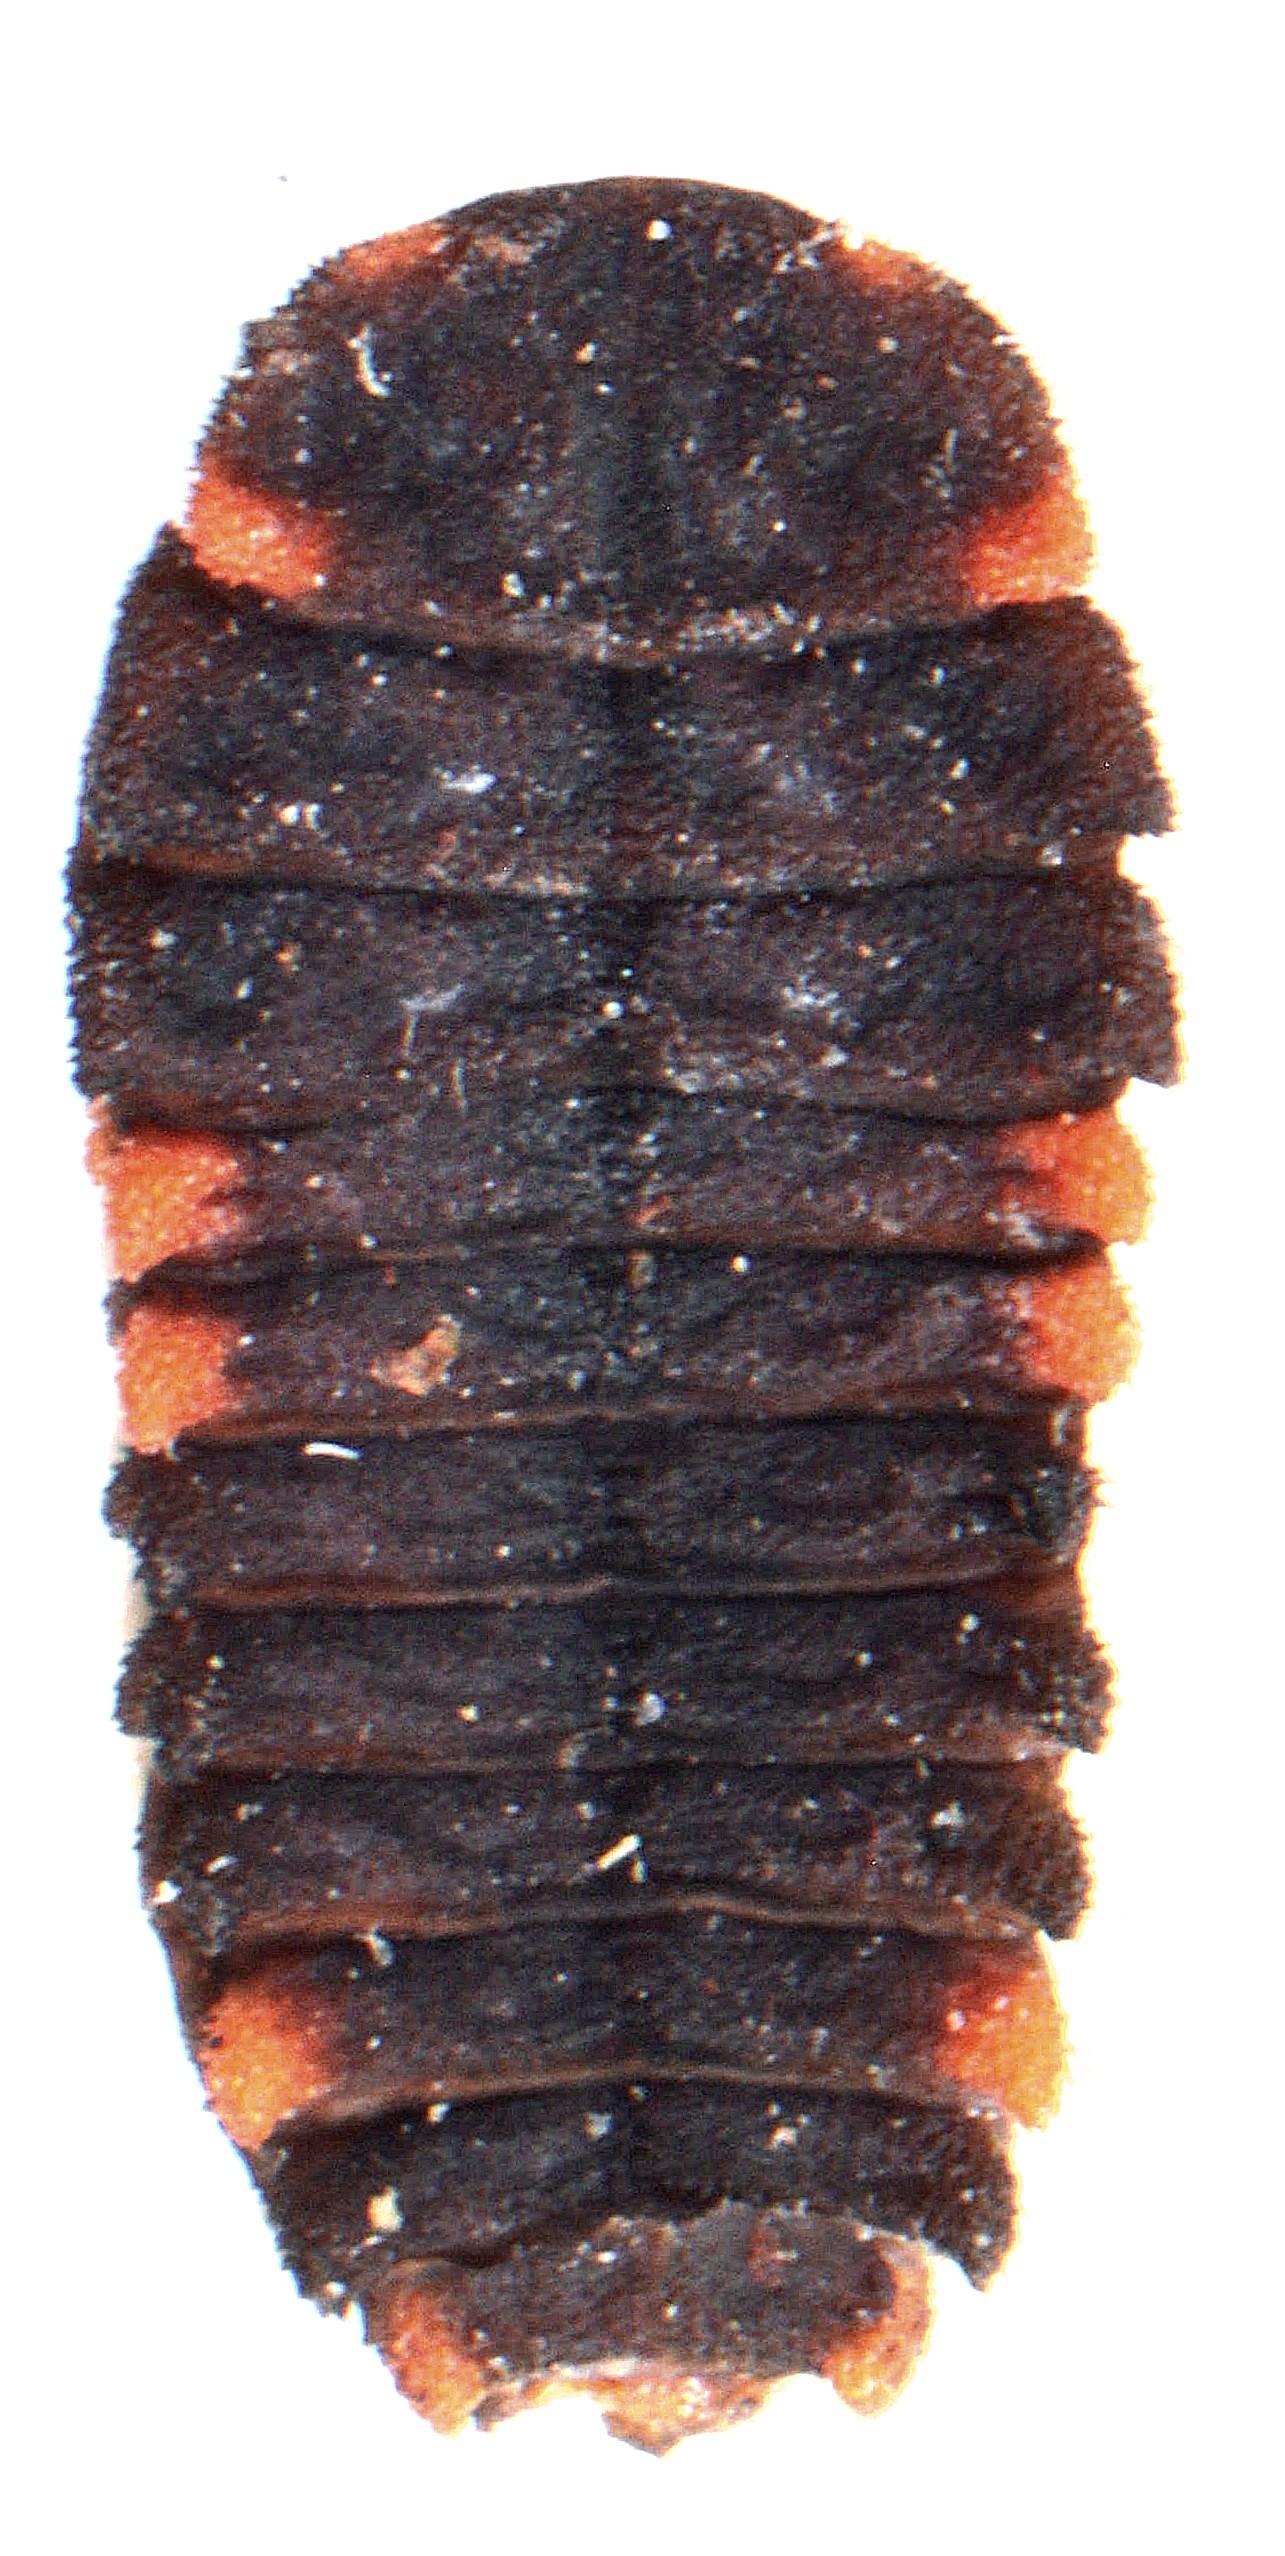 Endomychus coccineus larva